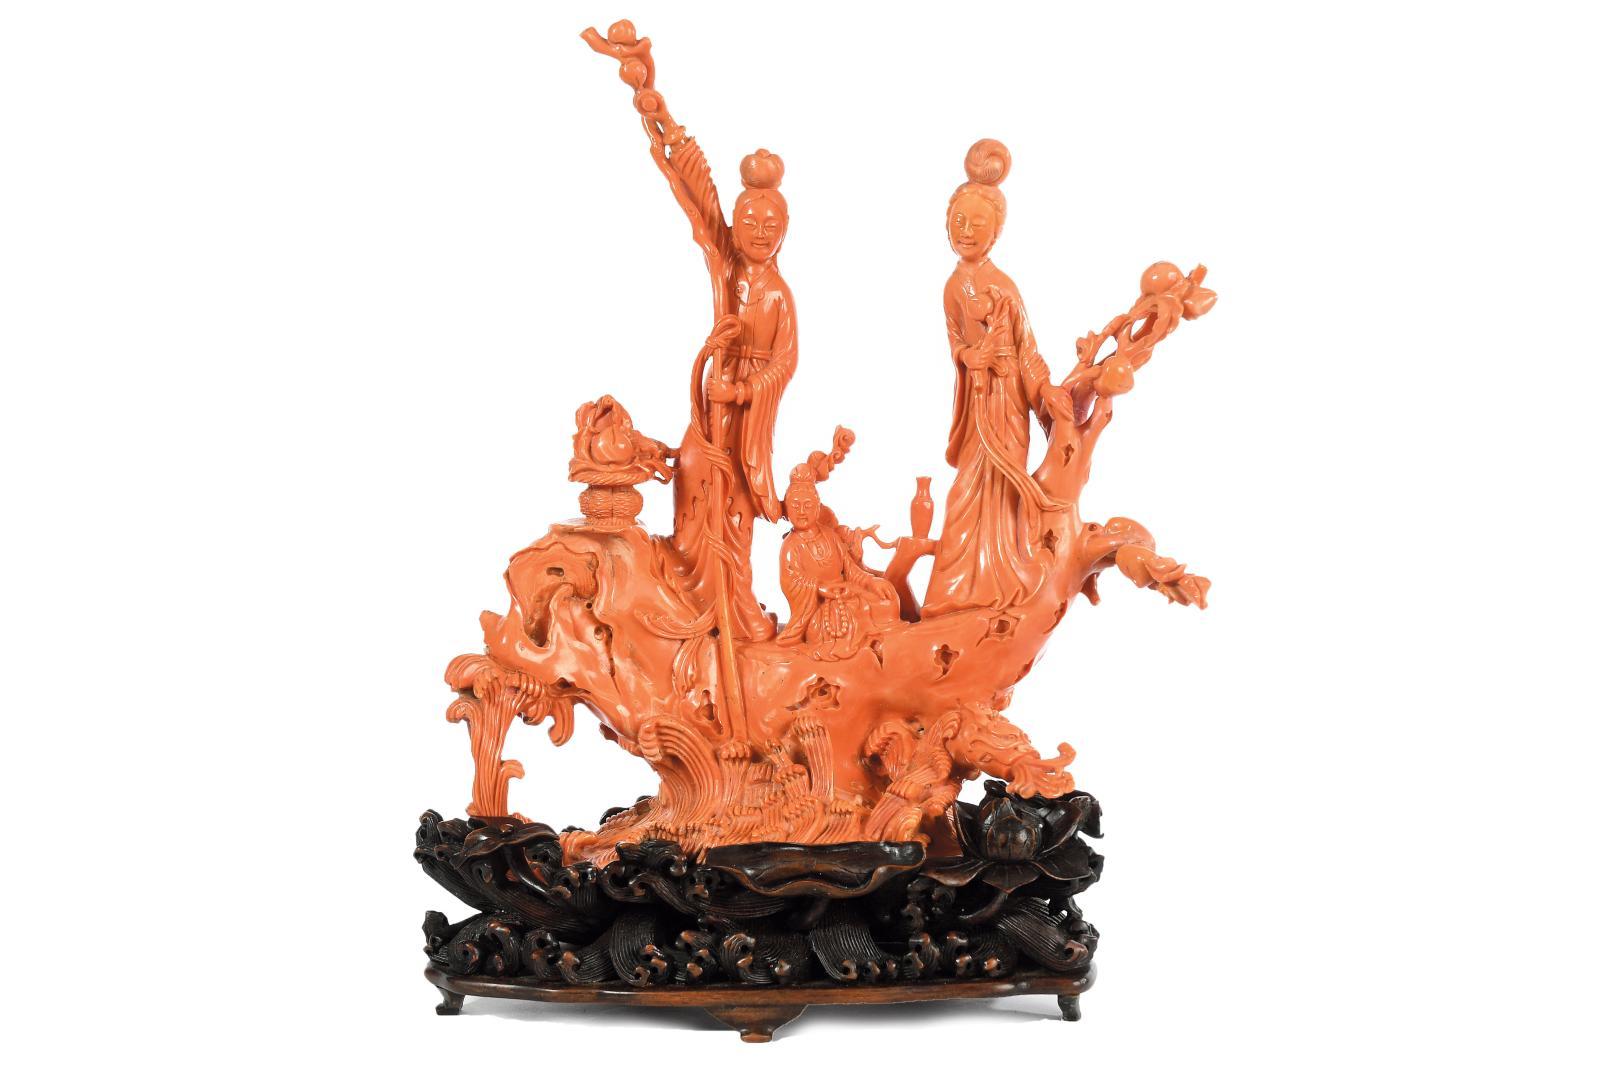 Il faudra débourser 50000/60000€ pour emporterce grand groupe chinois en corail marin, probablement du XVIIIe, finement sculpté de deu